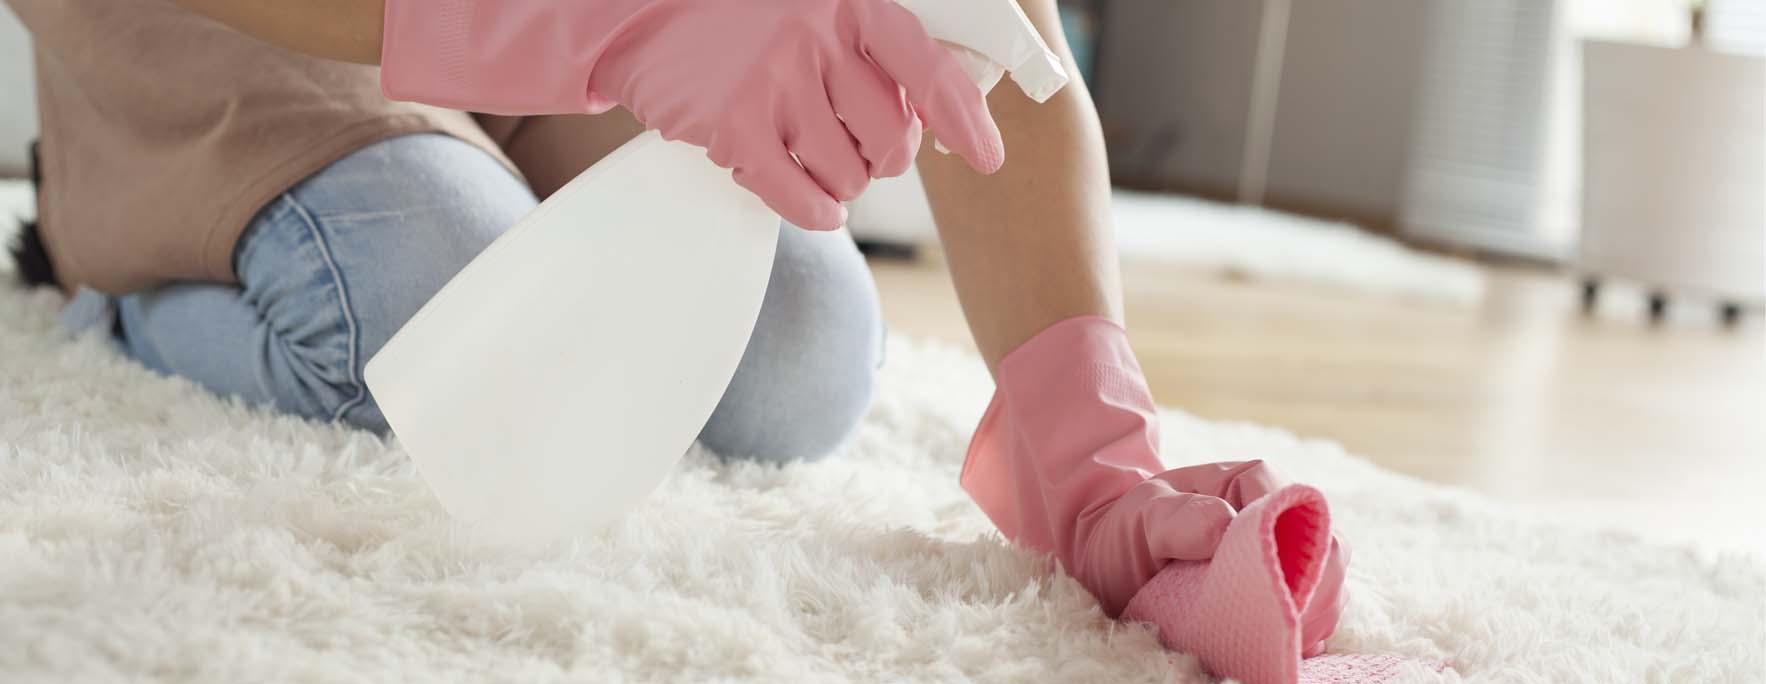 C mo utilizar bicarbonato de sodio como limpiador de alfombras - Limpiador de alfombras ...